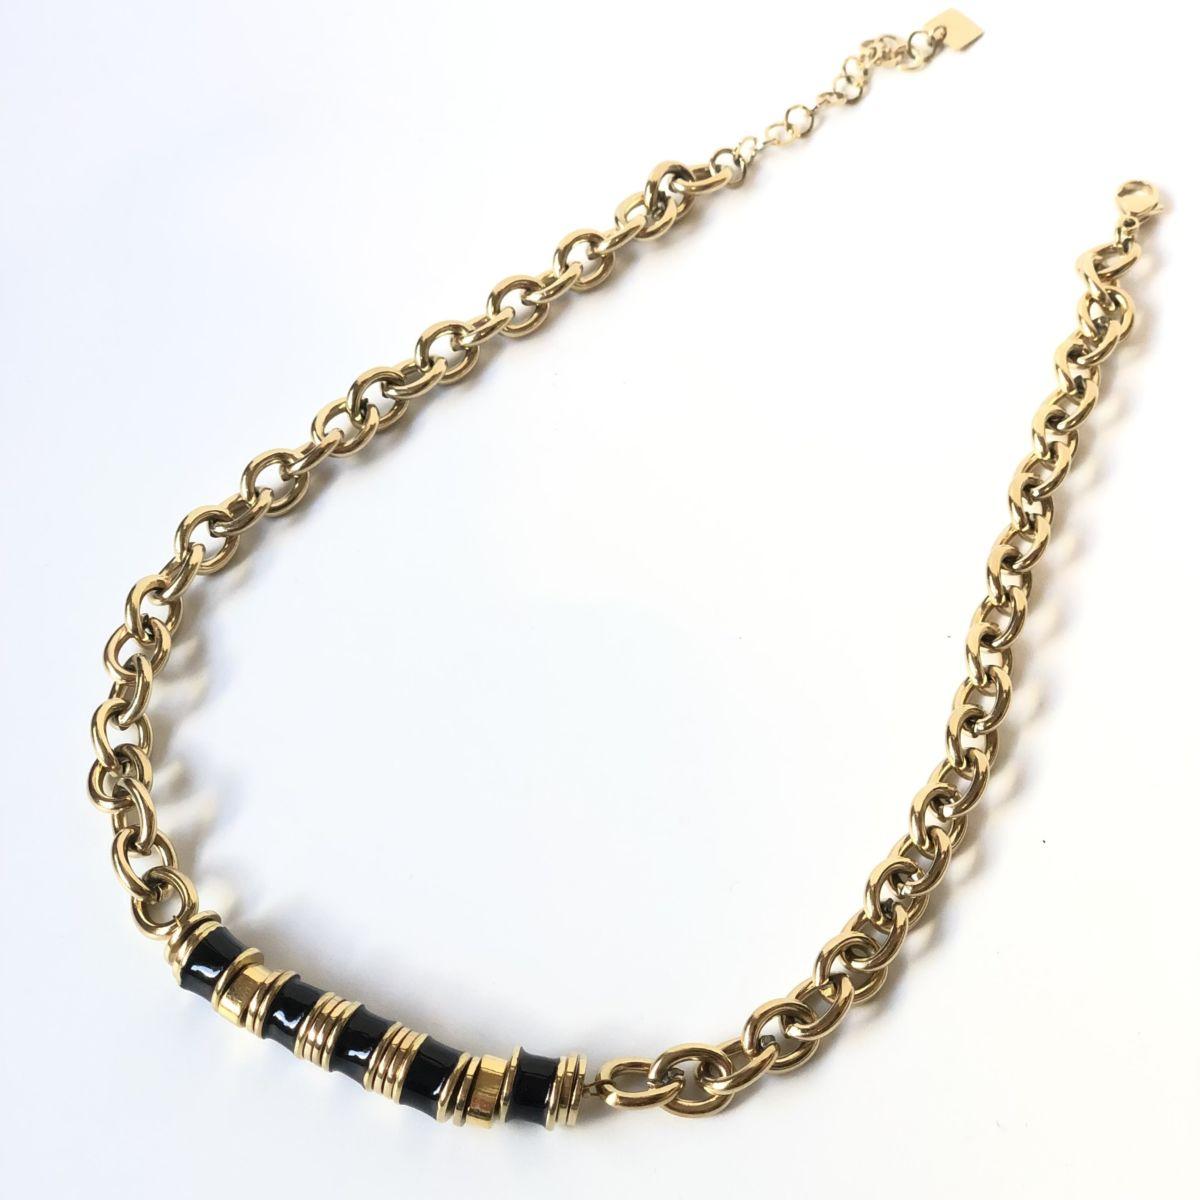 By Destele collier grosse maille et perles noires